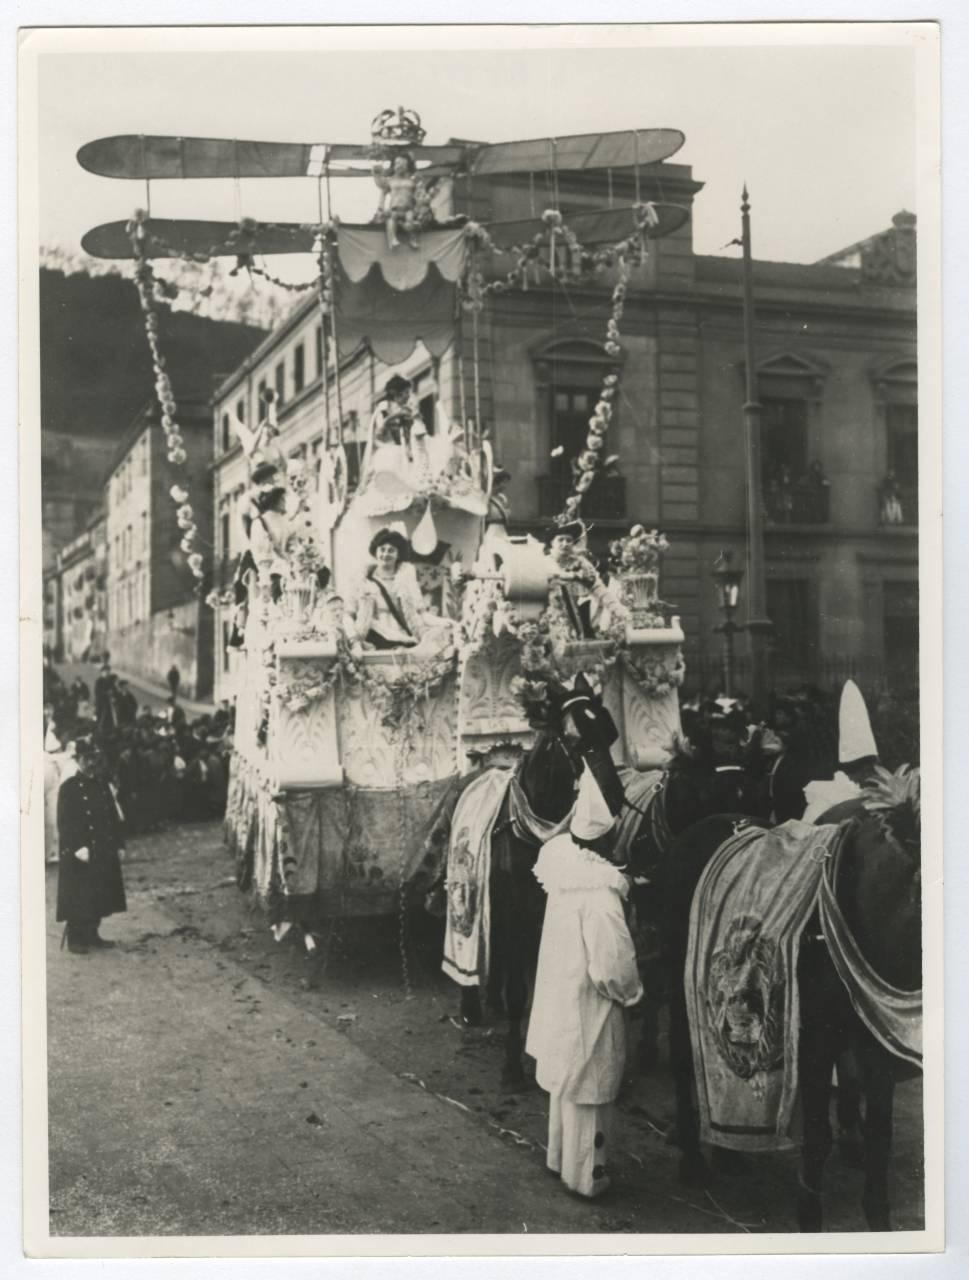 Carroza de un carnaval entre 1900 y 1910